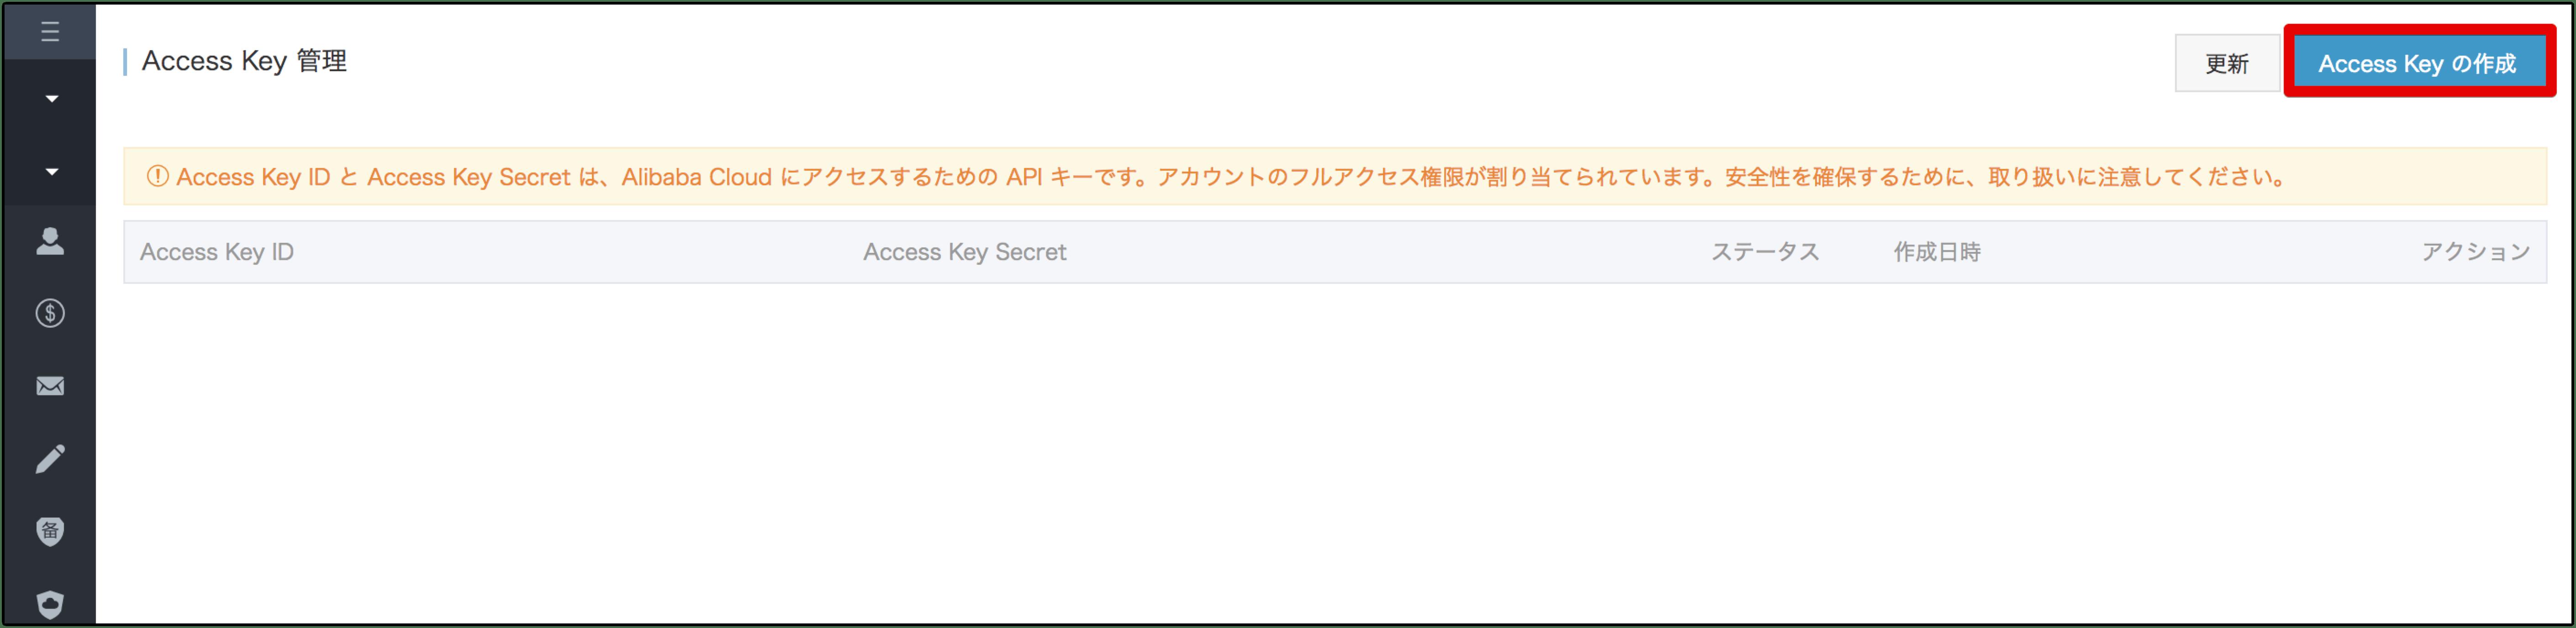 スクリーンショット 2018-05-12 21.37.34.png